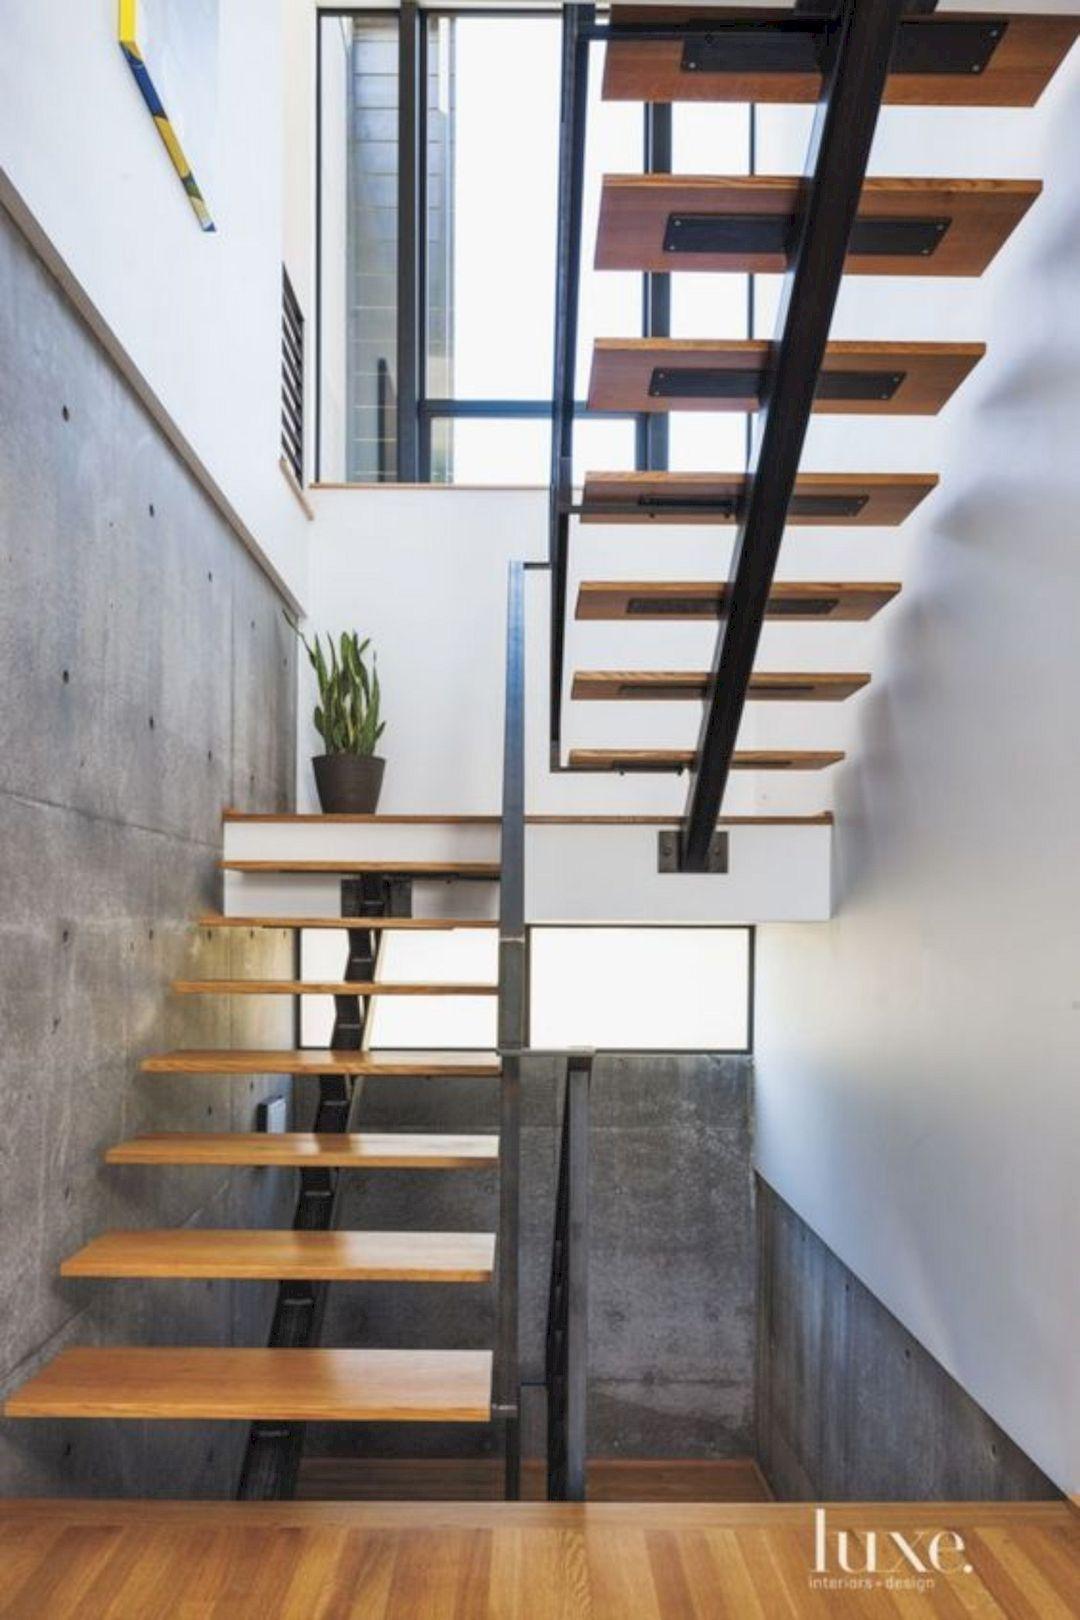 Cầu thang xương cá, bậc mặt gỗ, lan can thép